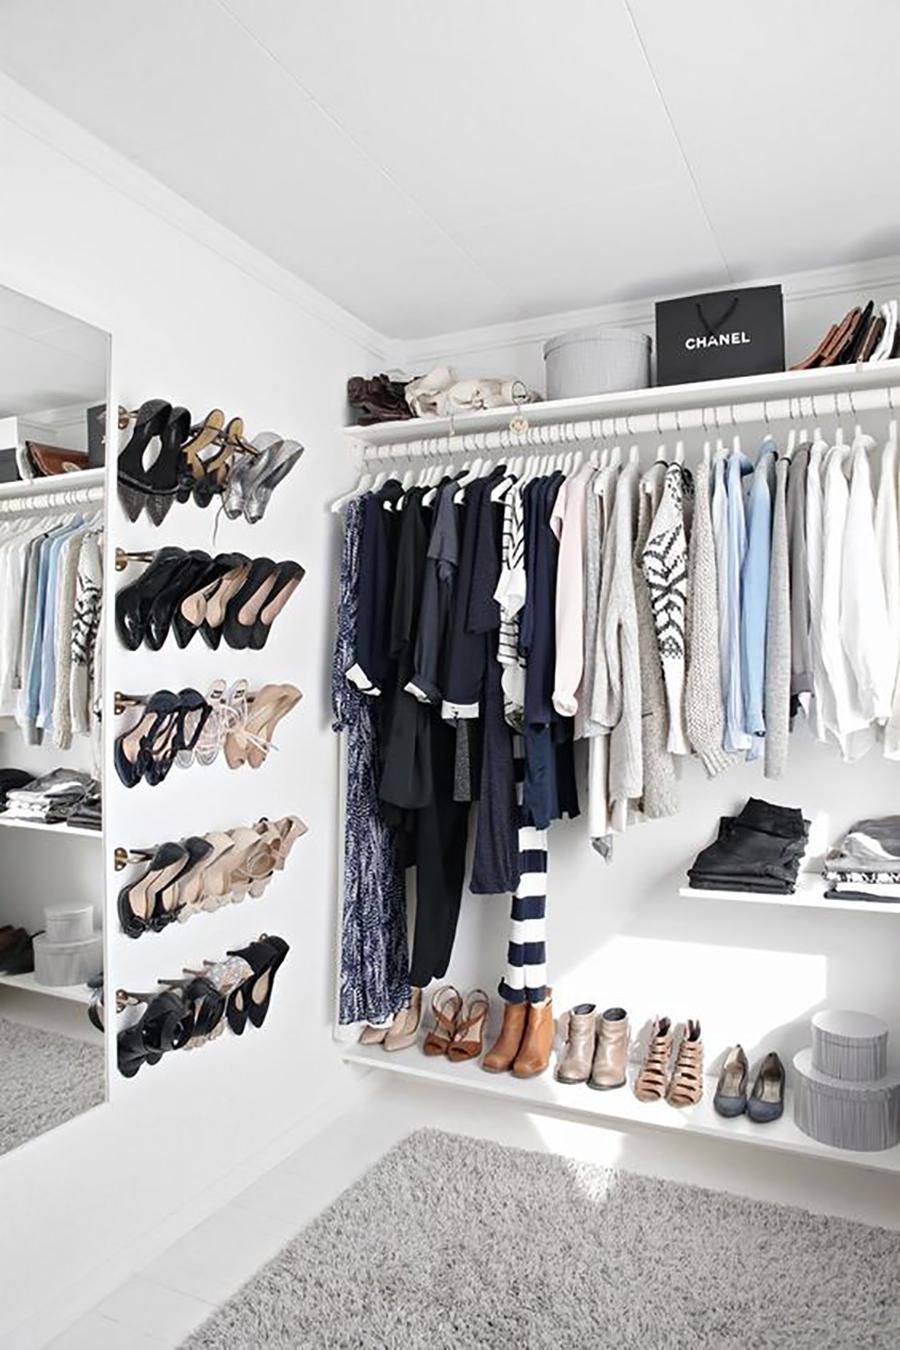 Una forma de organizar los zapatos, es con barras de closet.